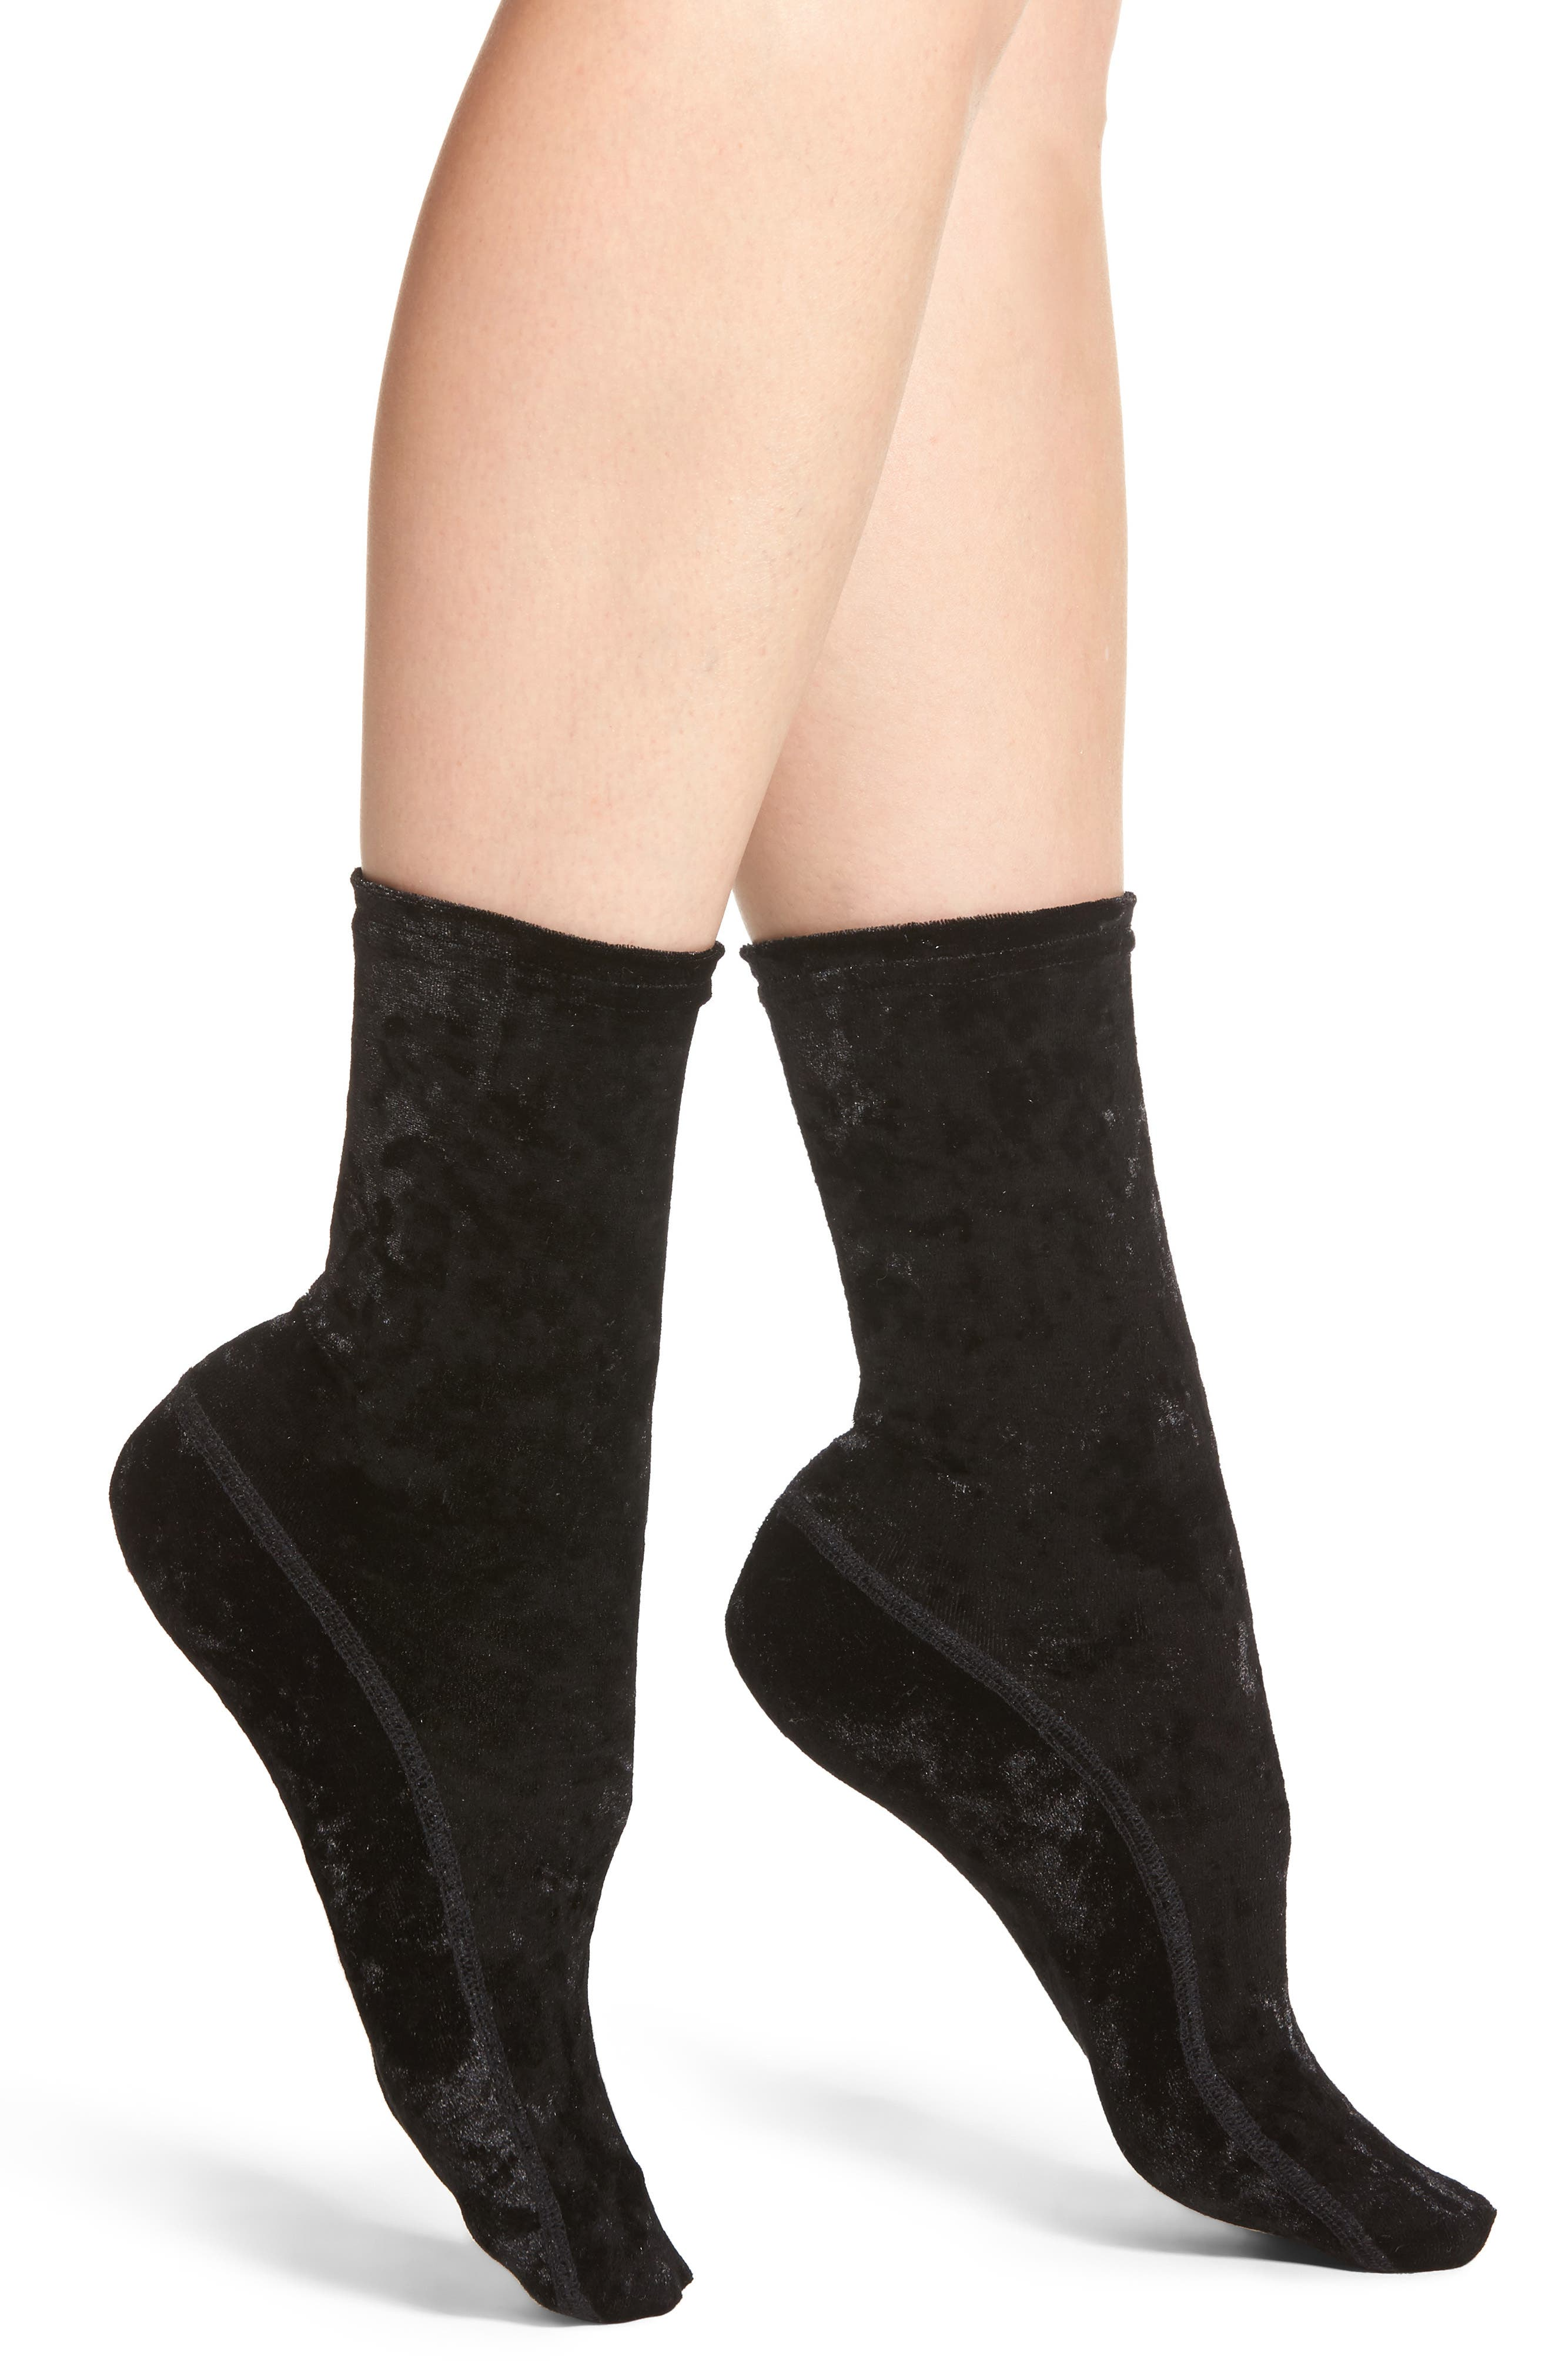 Crushed Velvet Socks,                         Main,                         color, 001